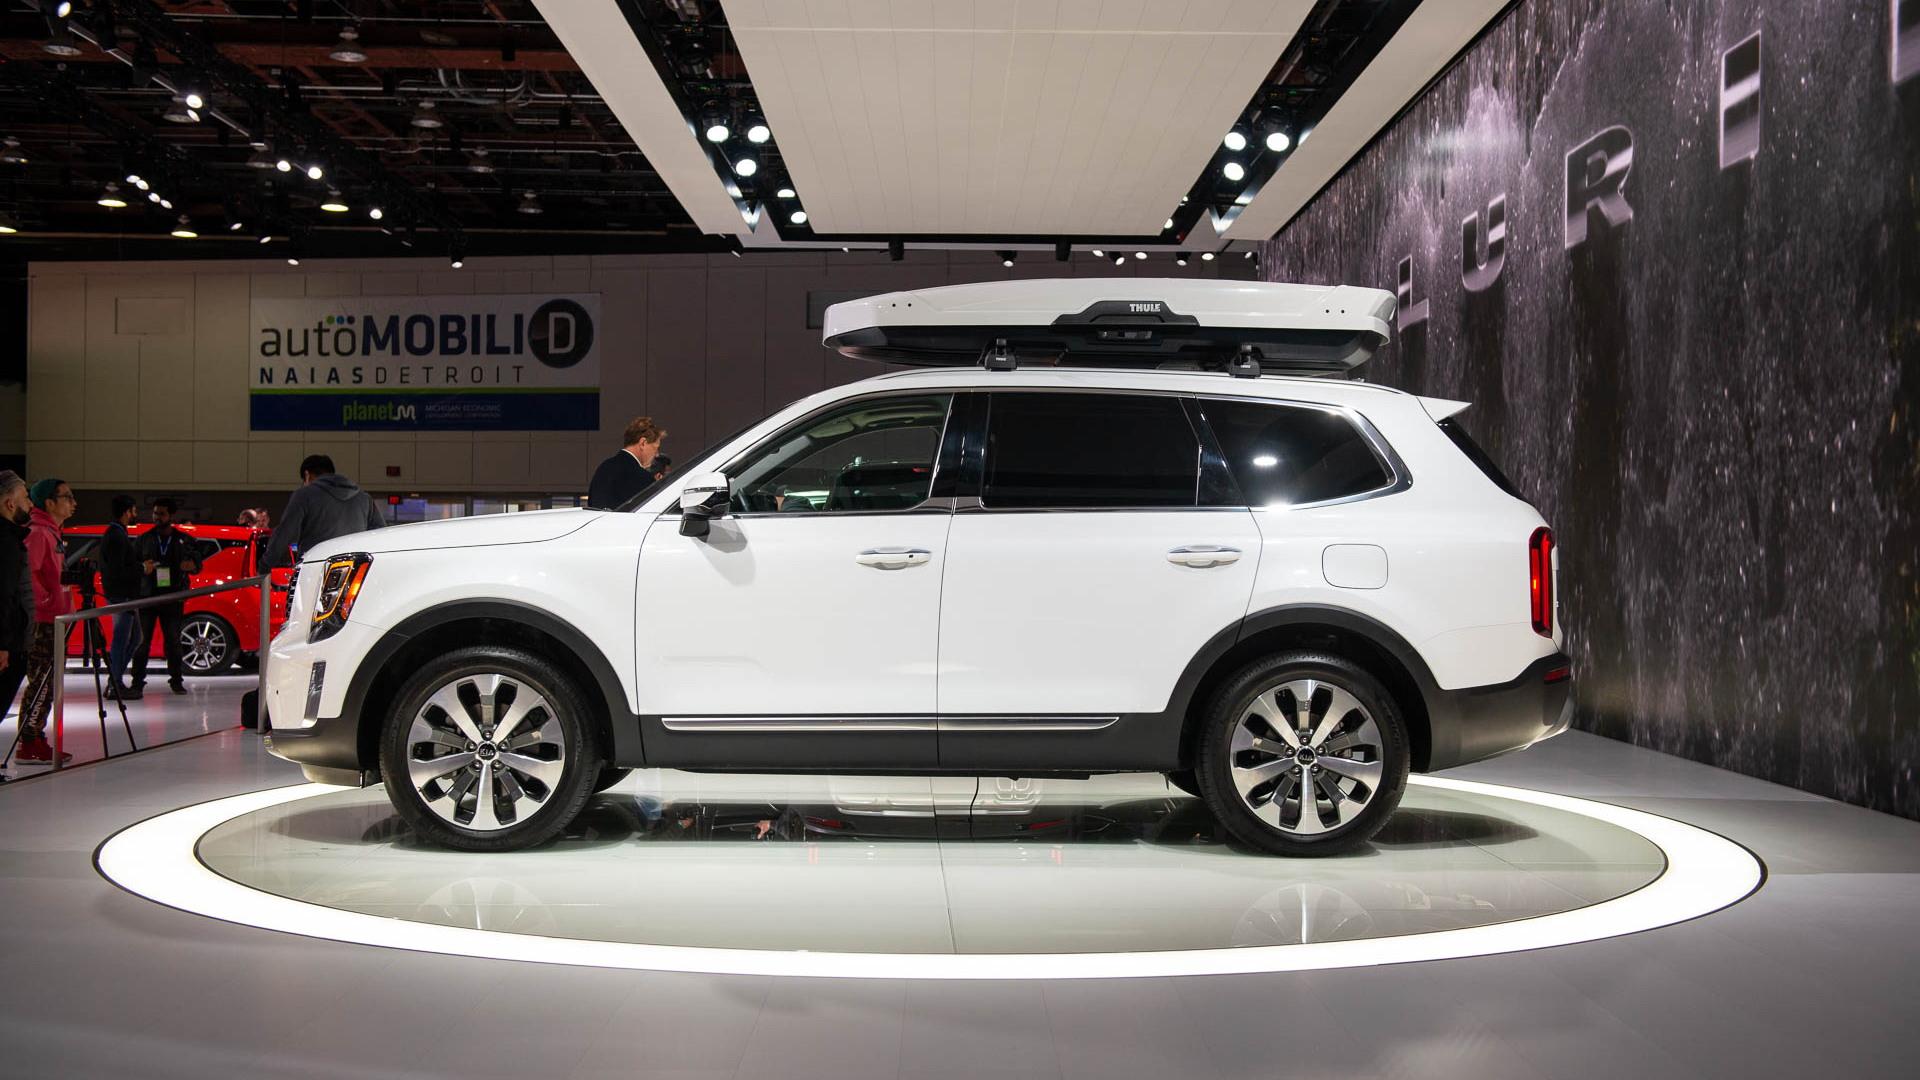 2020 Kia Telluride, 2019 Detroit auto show